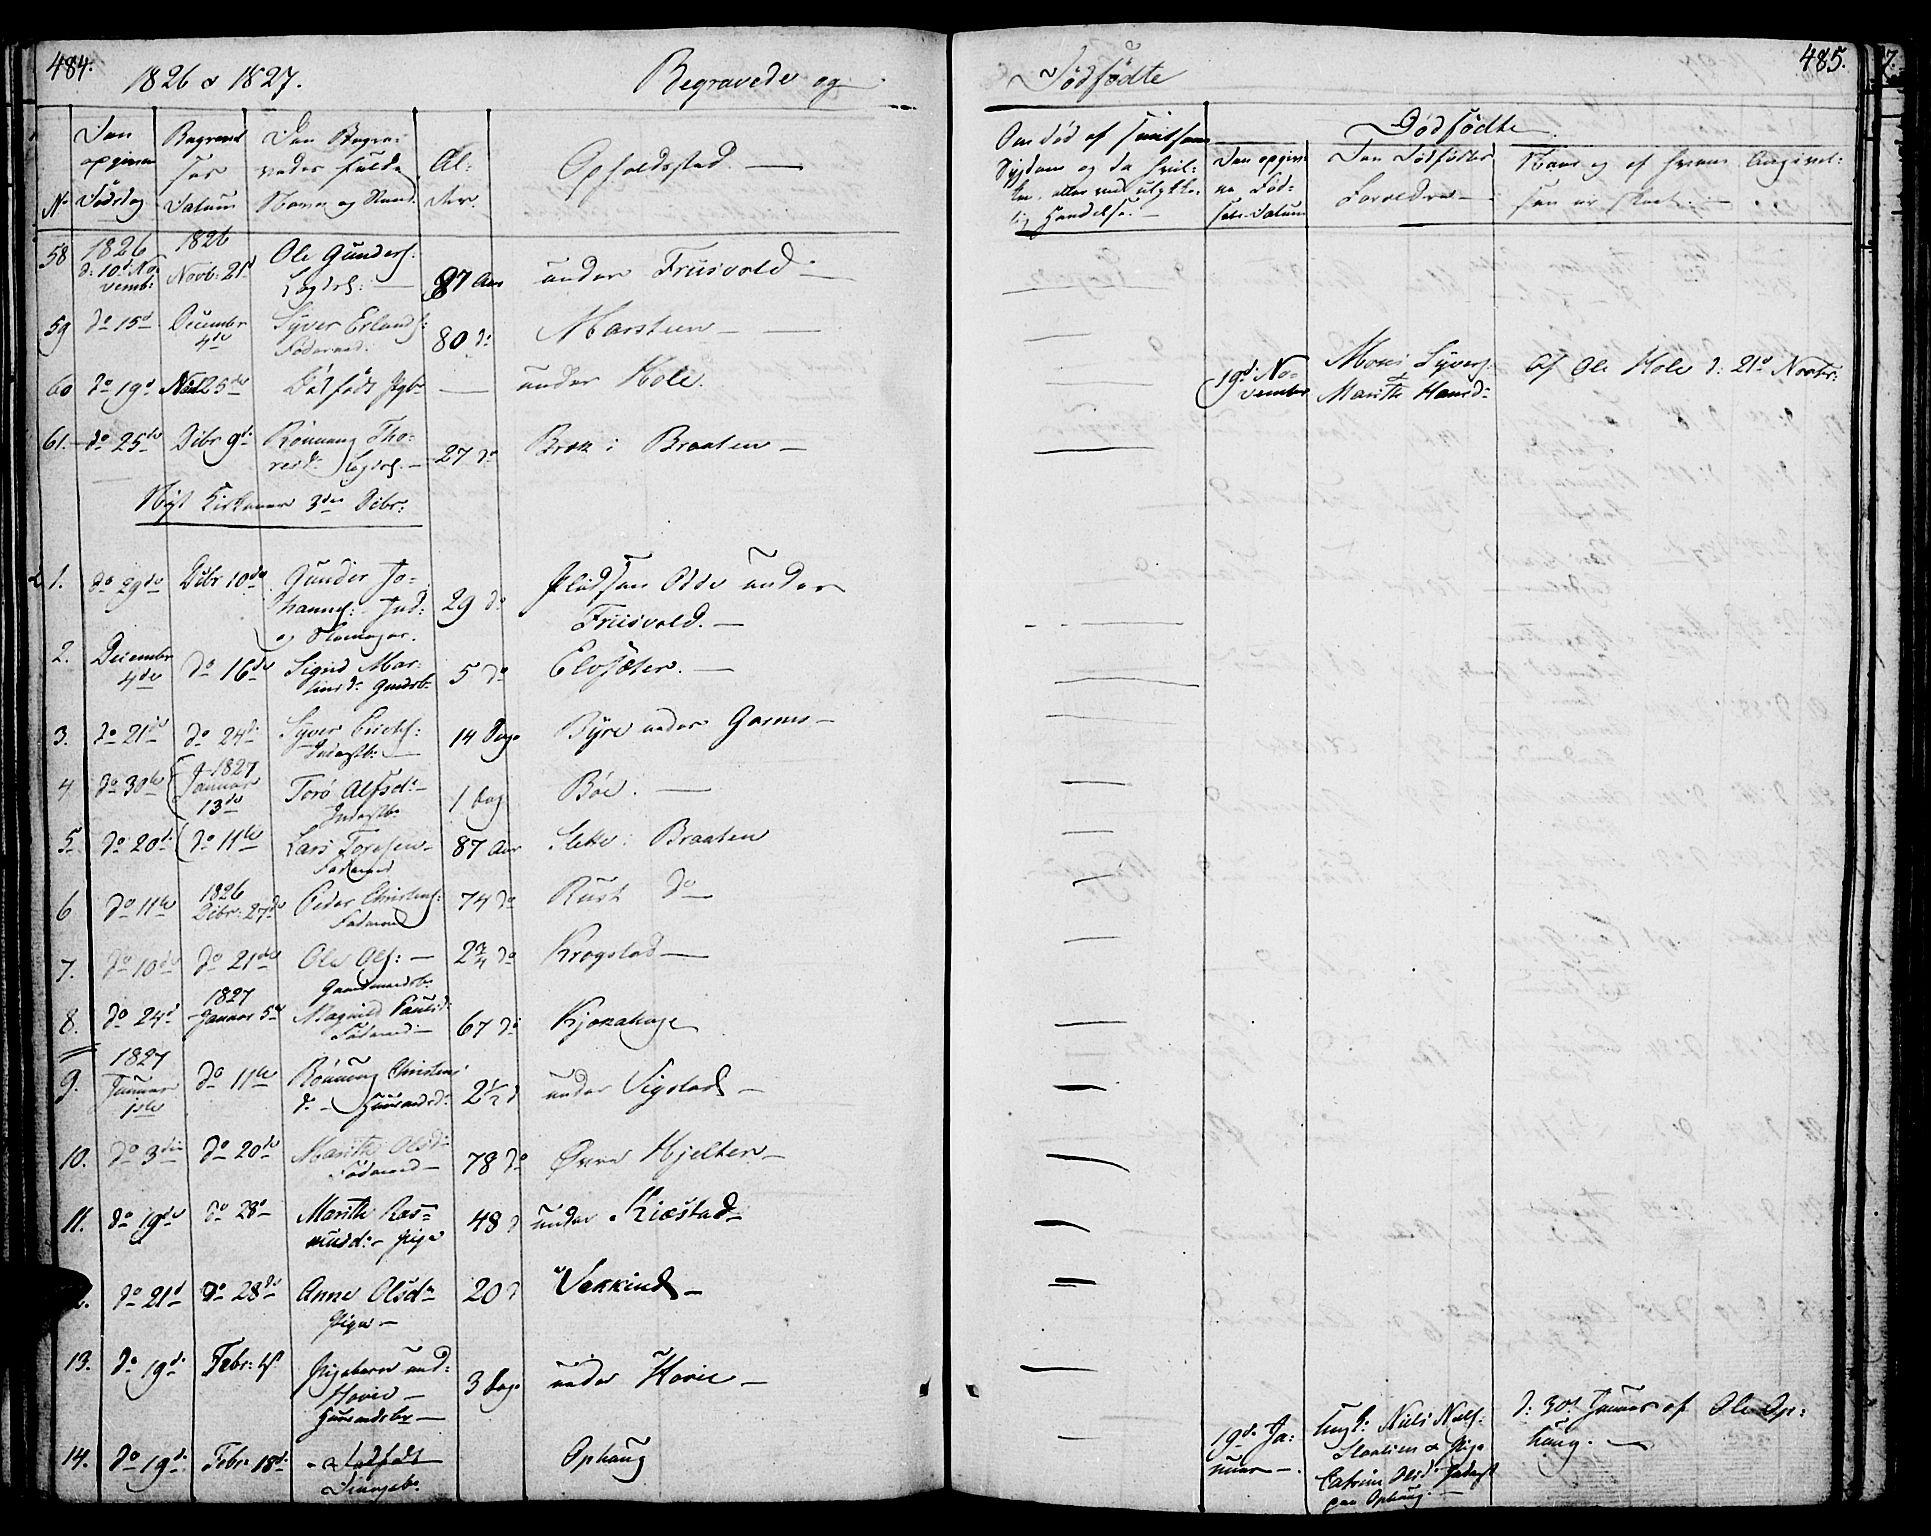 SAH, Lom prestekontor, K/L0005: Ministerialbok nr. 5, 1825-1837, s. 484-485